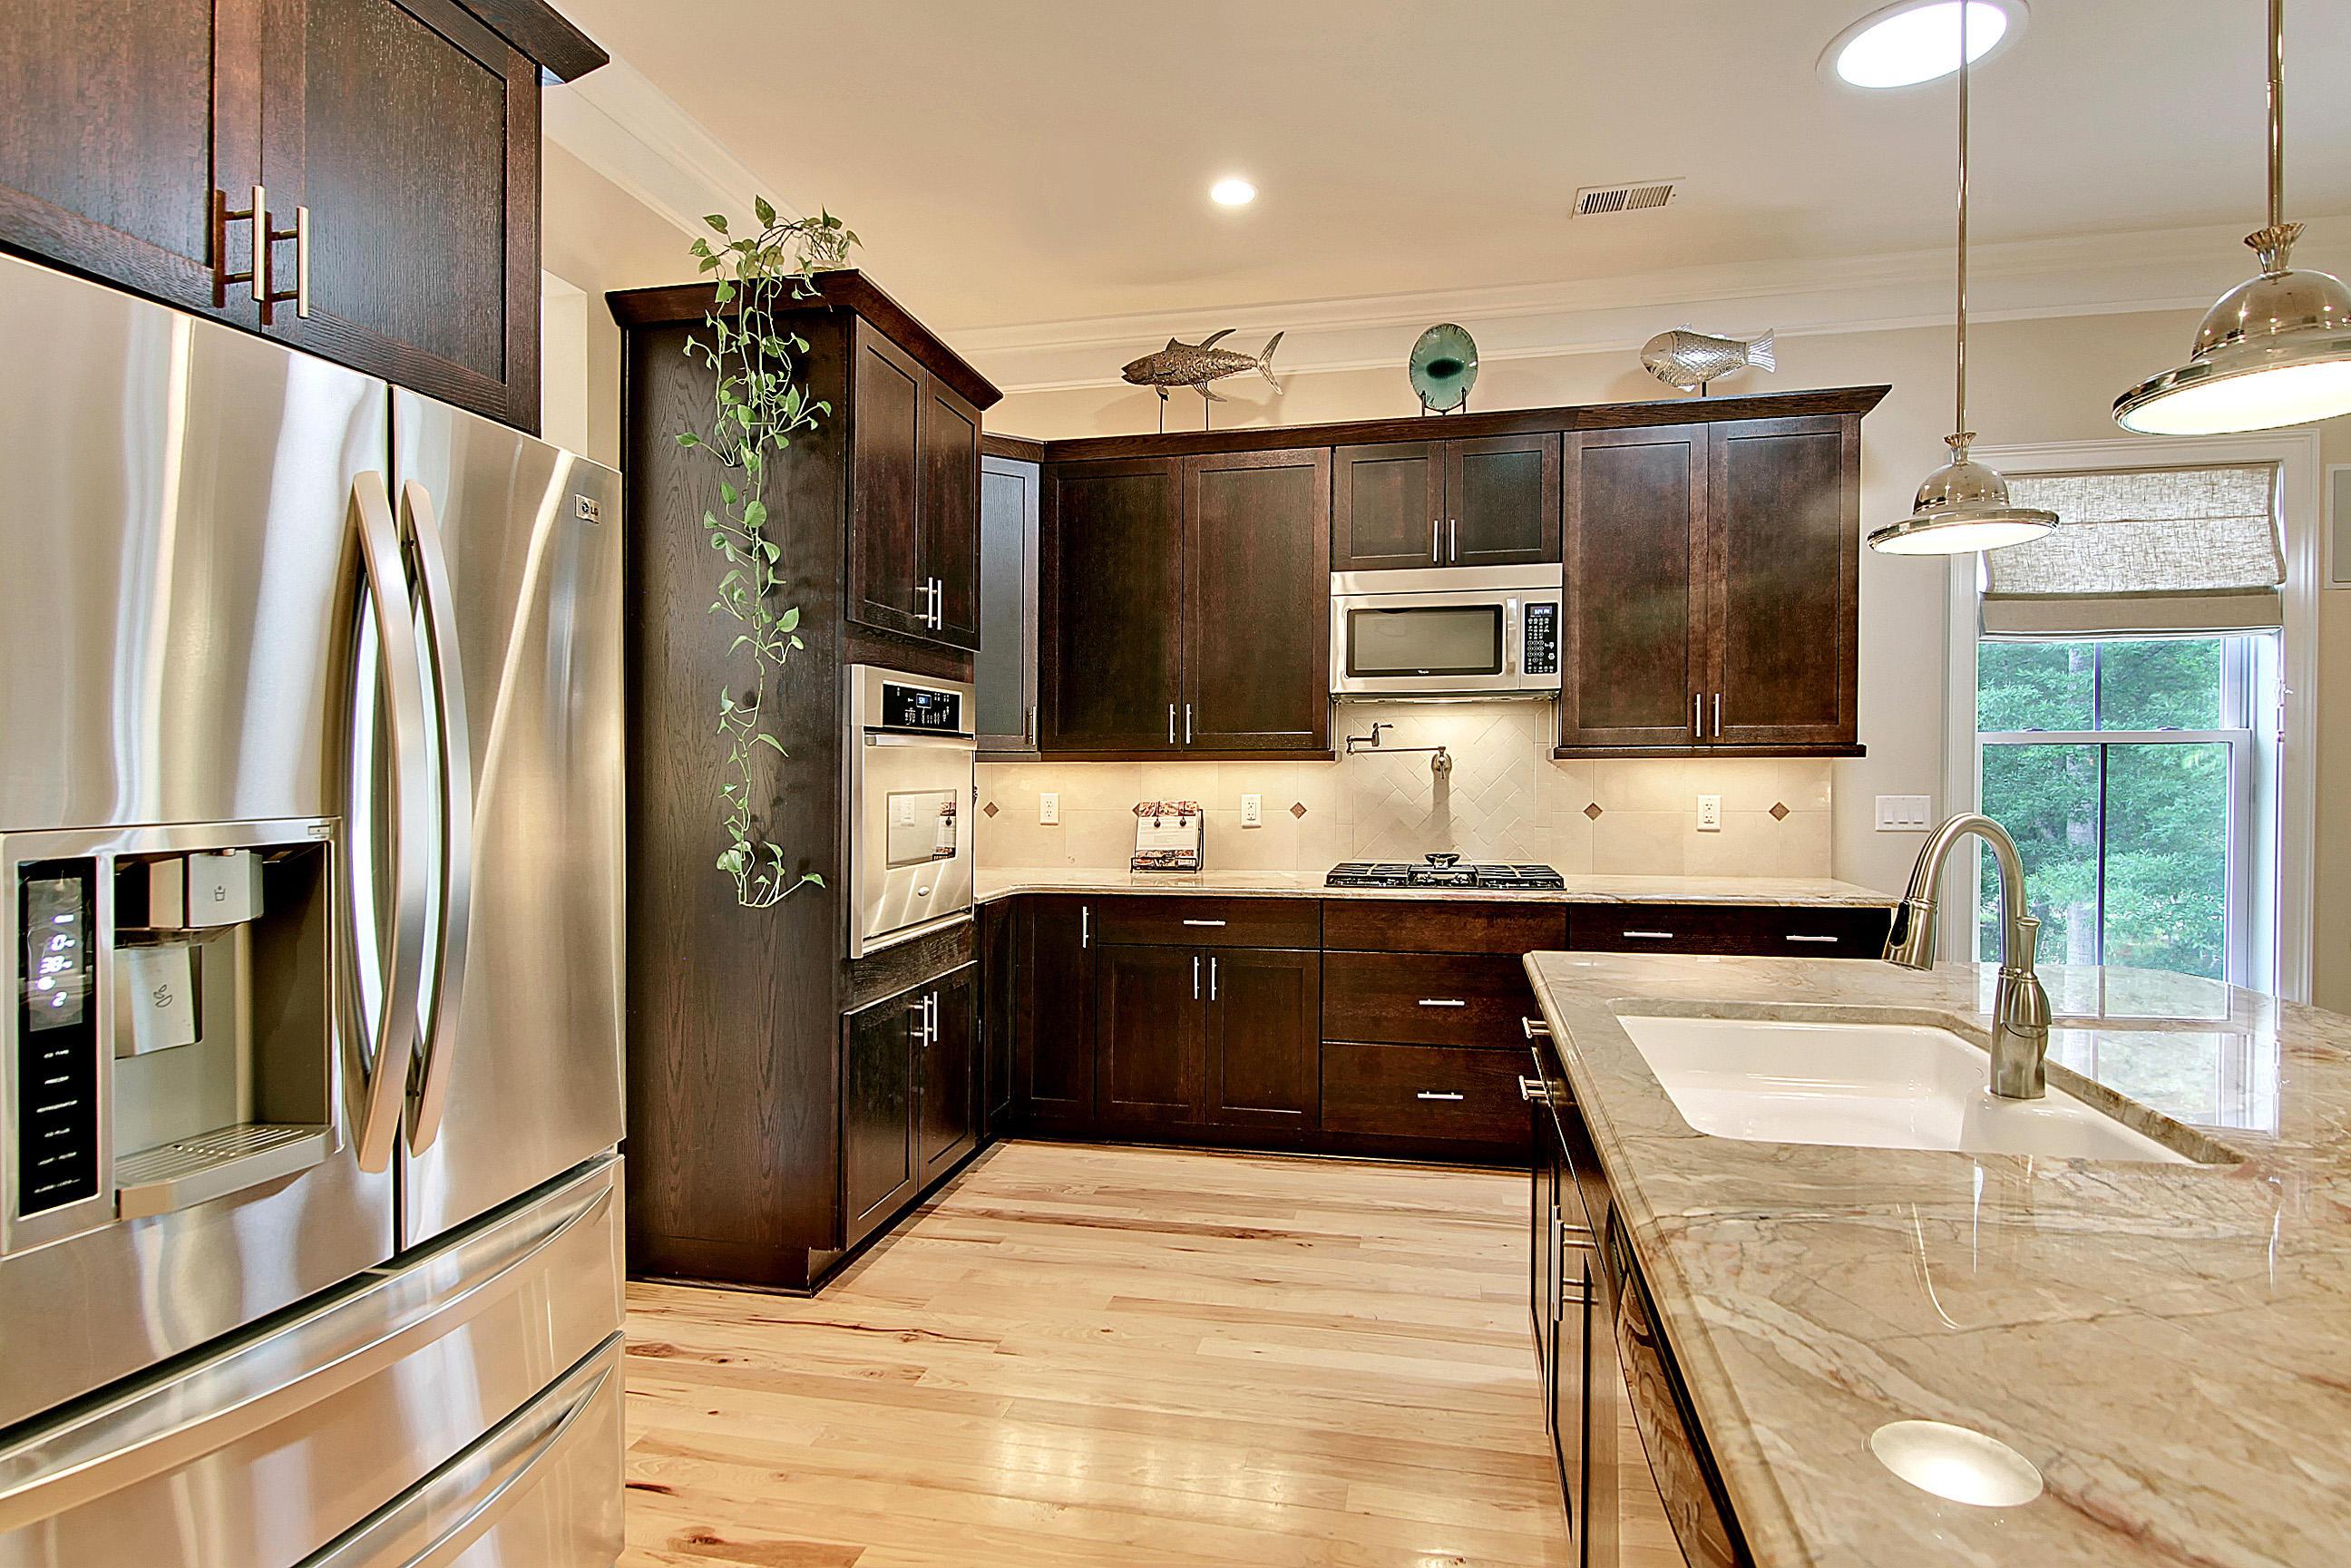 Park West Homes For Sale - 1596 Capel, Mount Pleasant, SC - 33